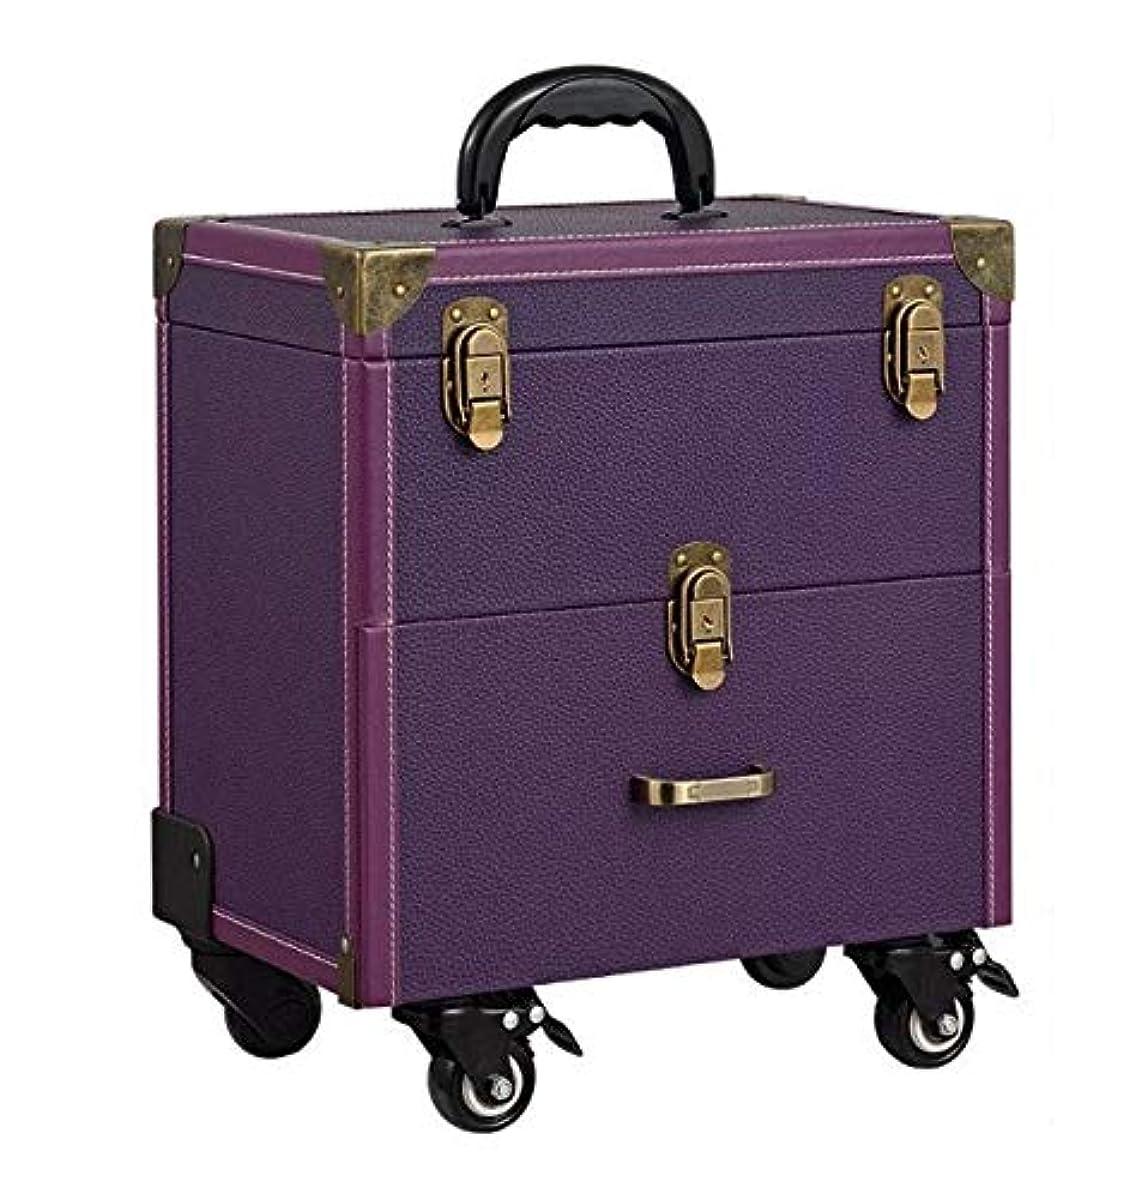 間隔状態真似る化粧箱、大容量二層トロリー化粧品ケース、ポータブル旅行化粧品バッグ収納袋、美容化粧ネイルジュエリー収納ボックス (Color : Purple)